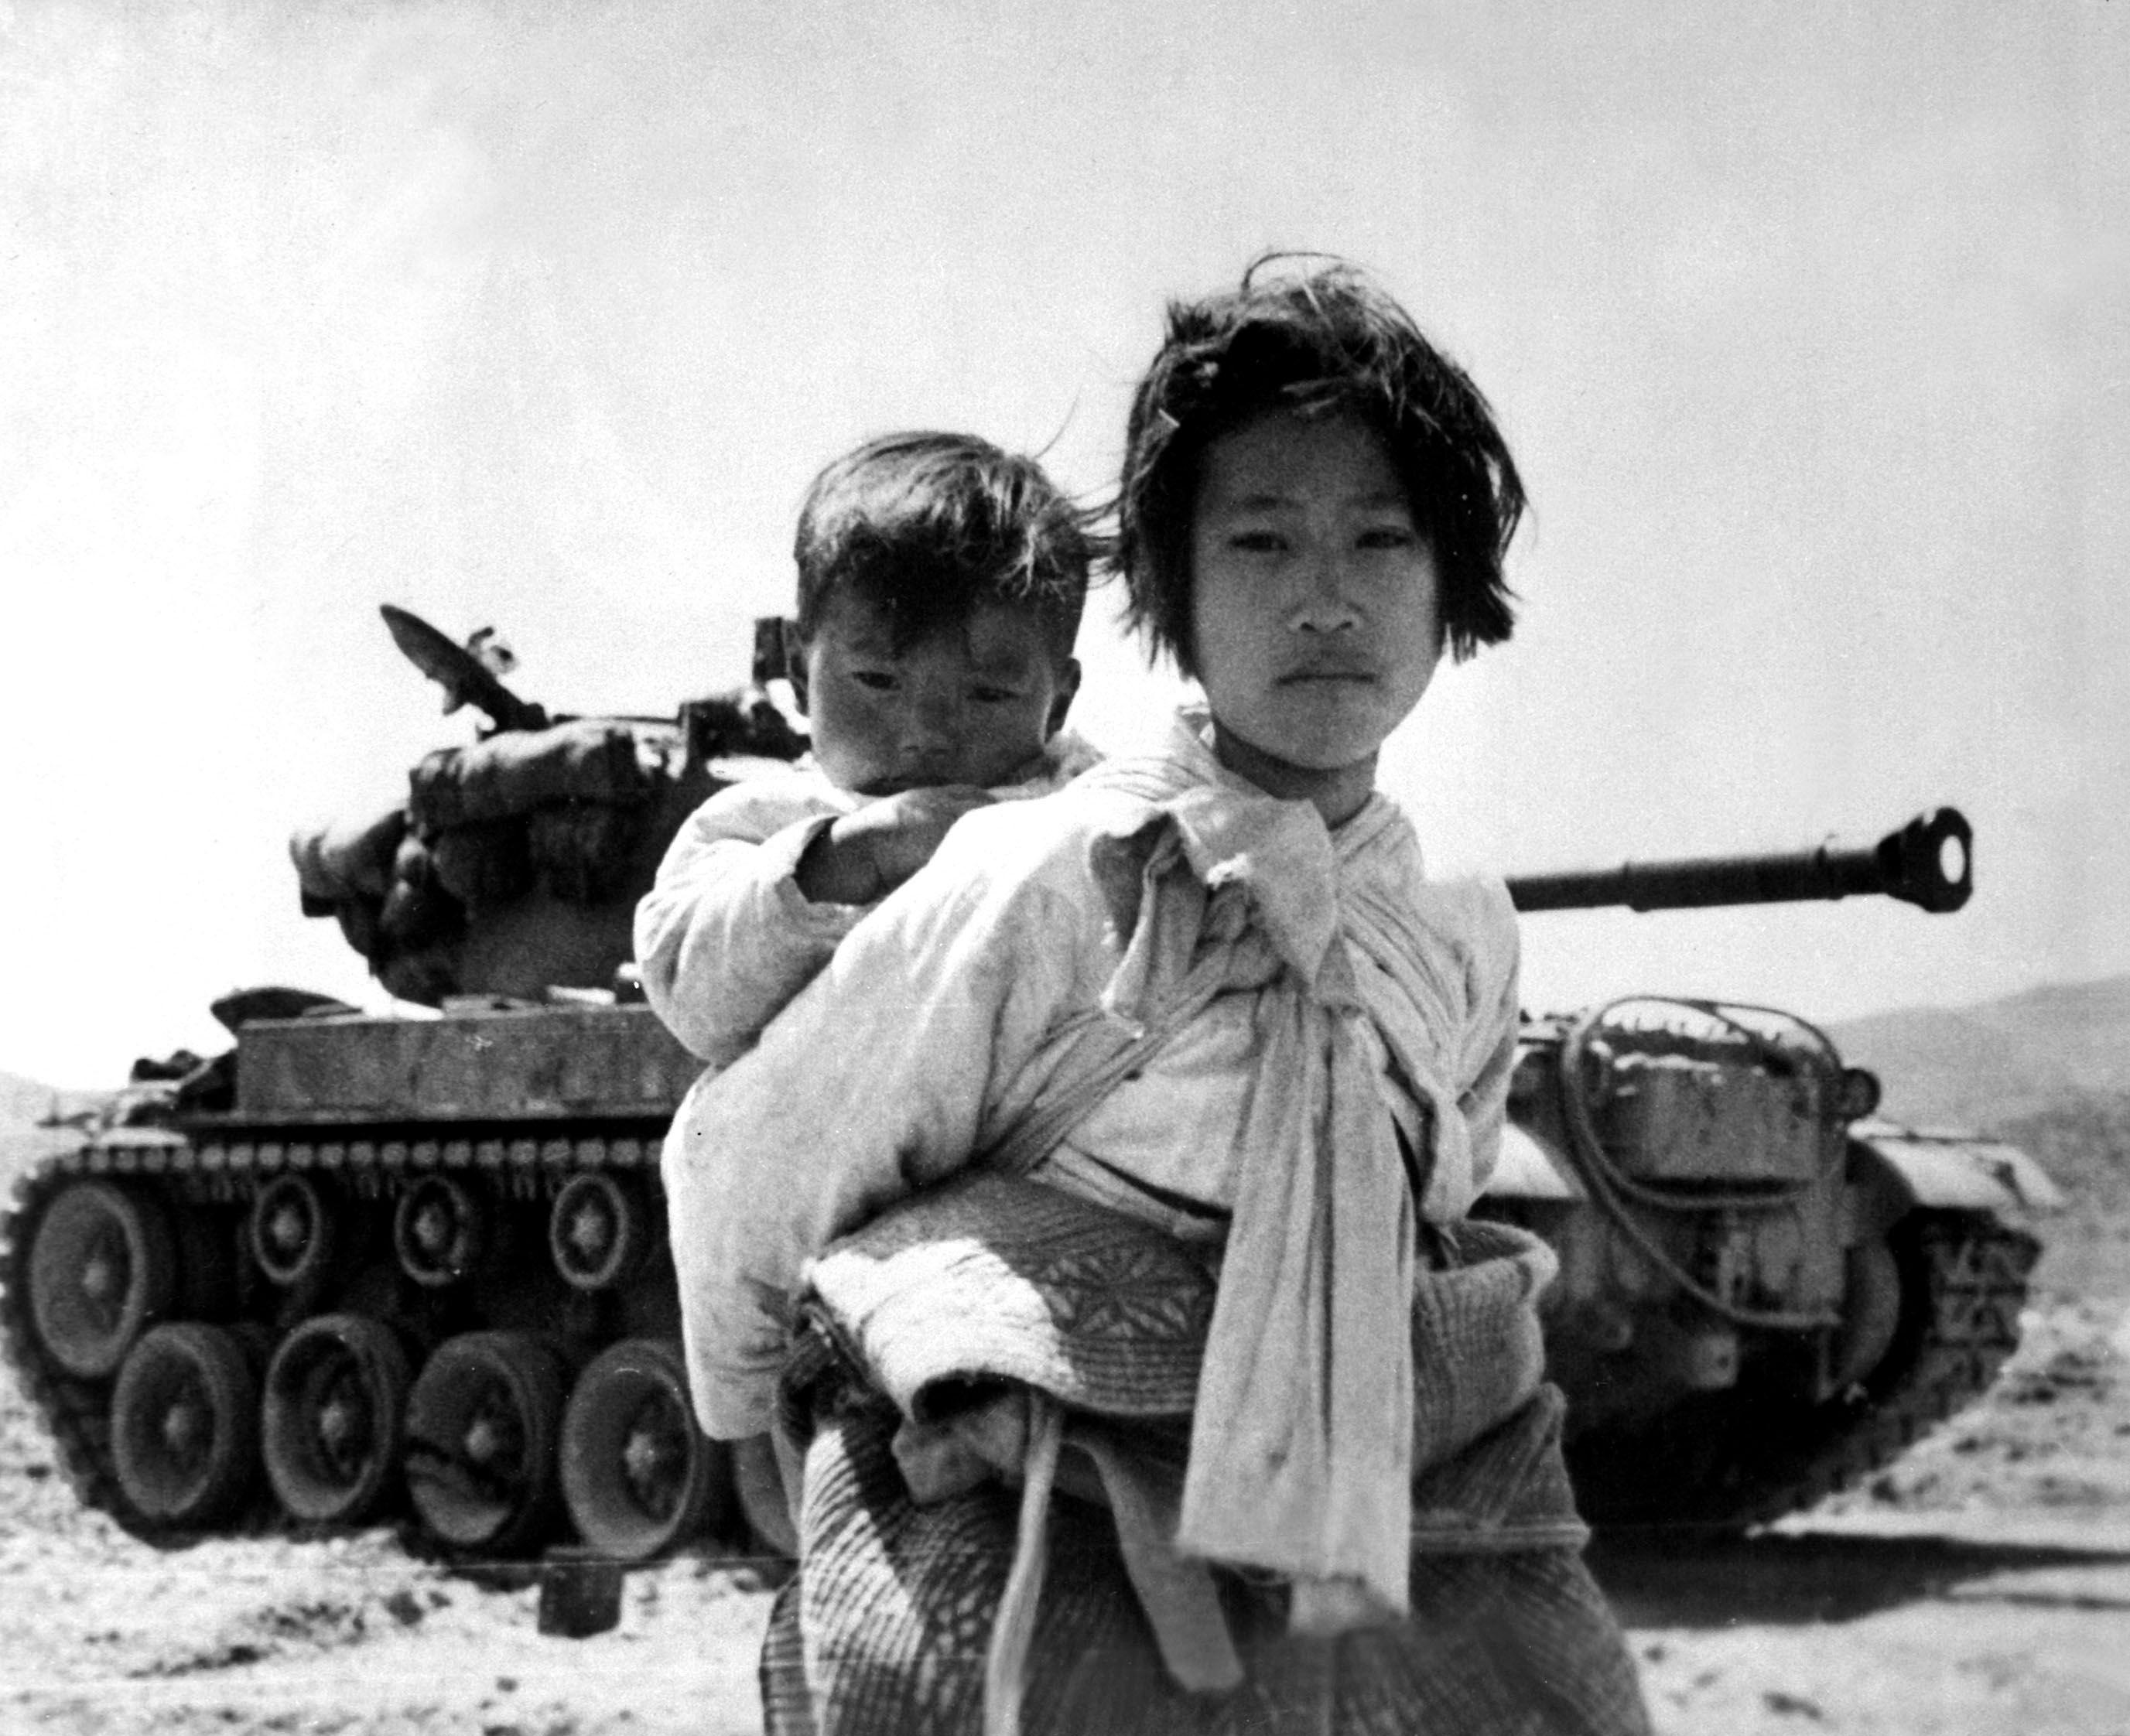 savaş-Tanrı-uşaq